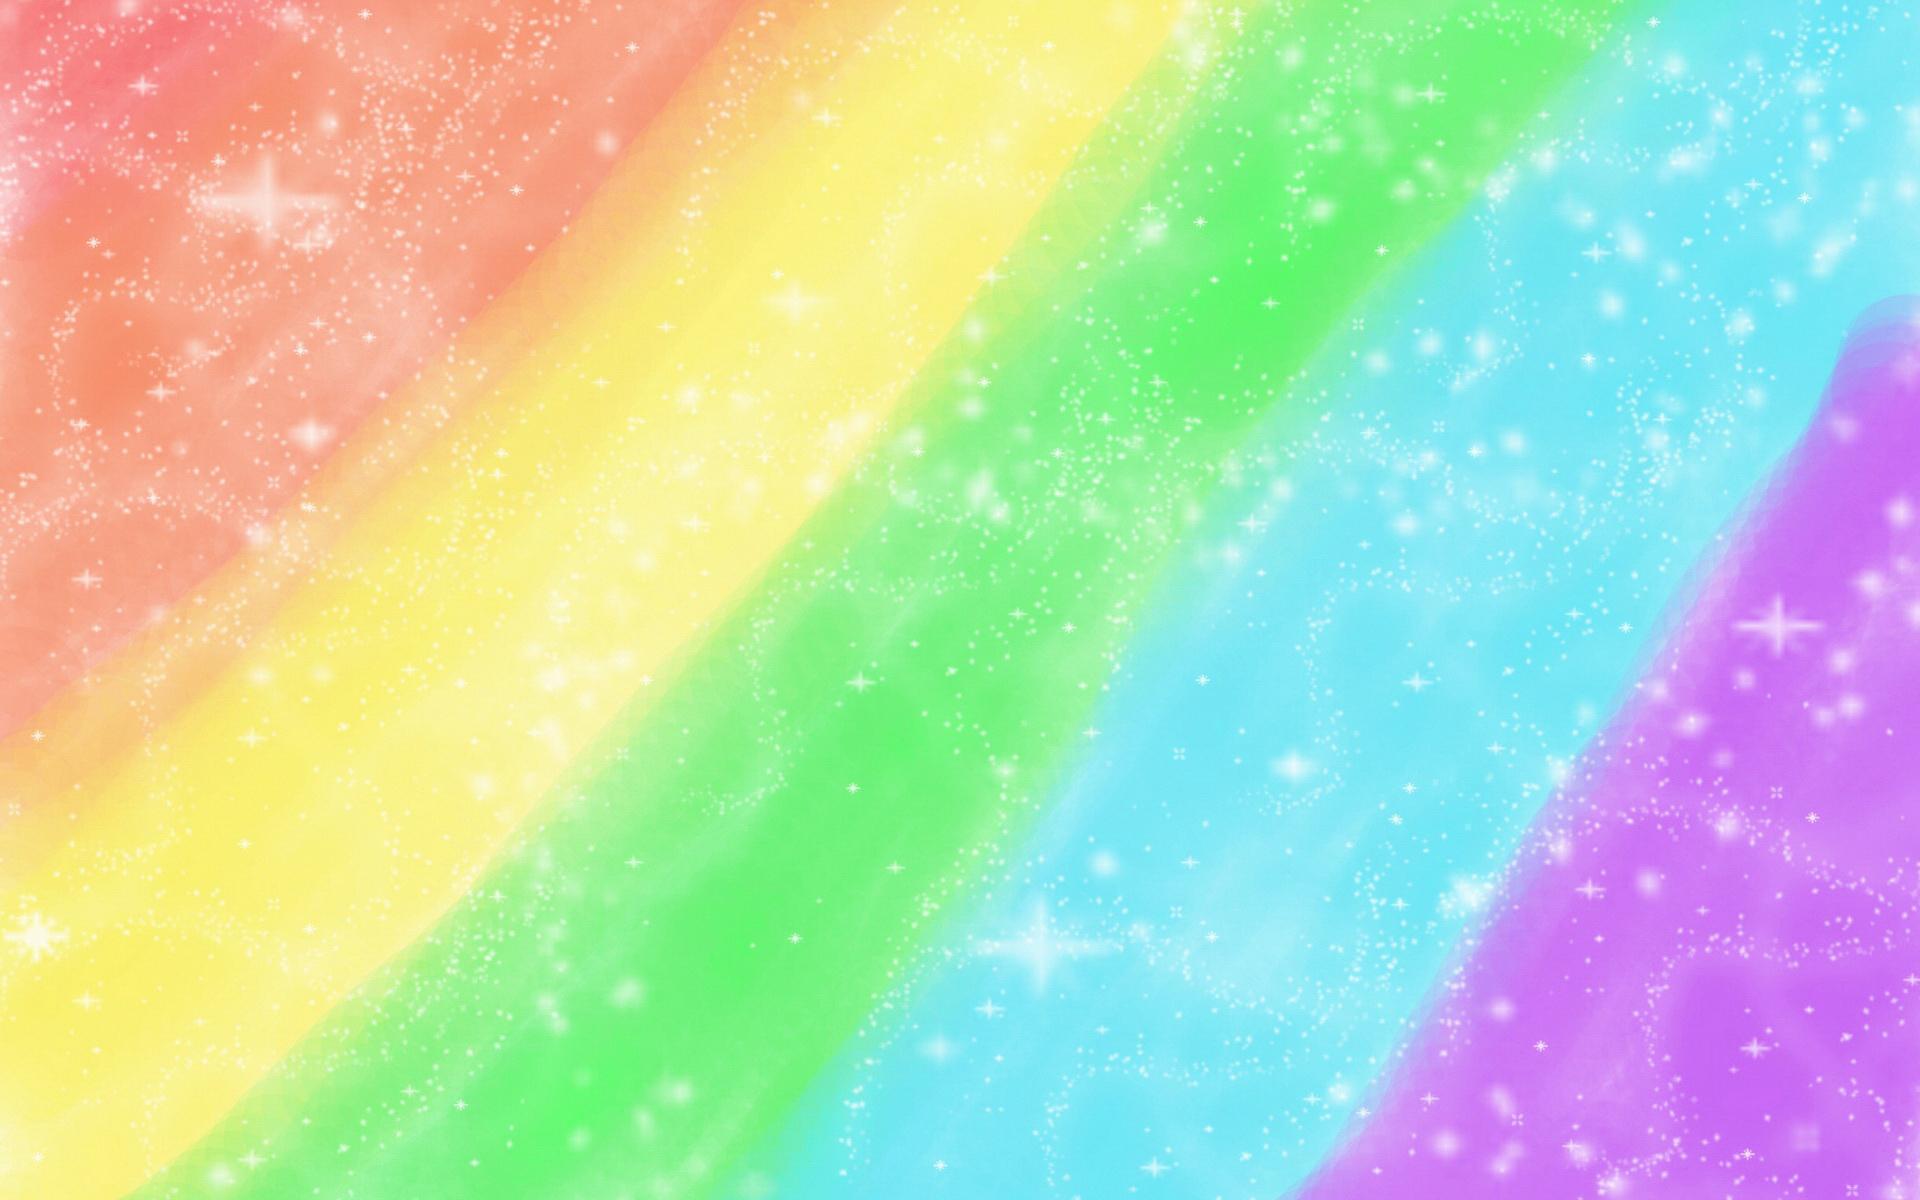 Soft Color Wallpaper - WallpaperSafari